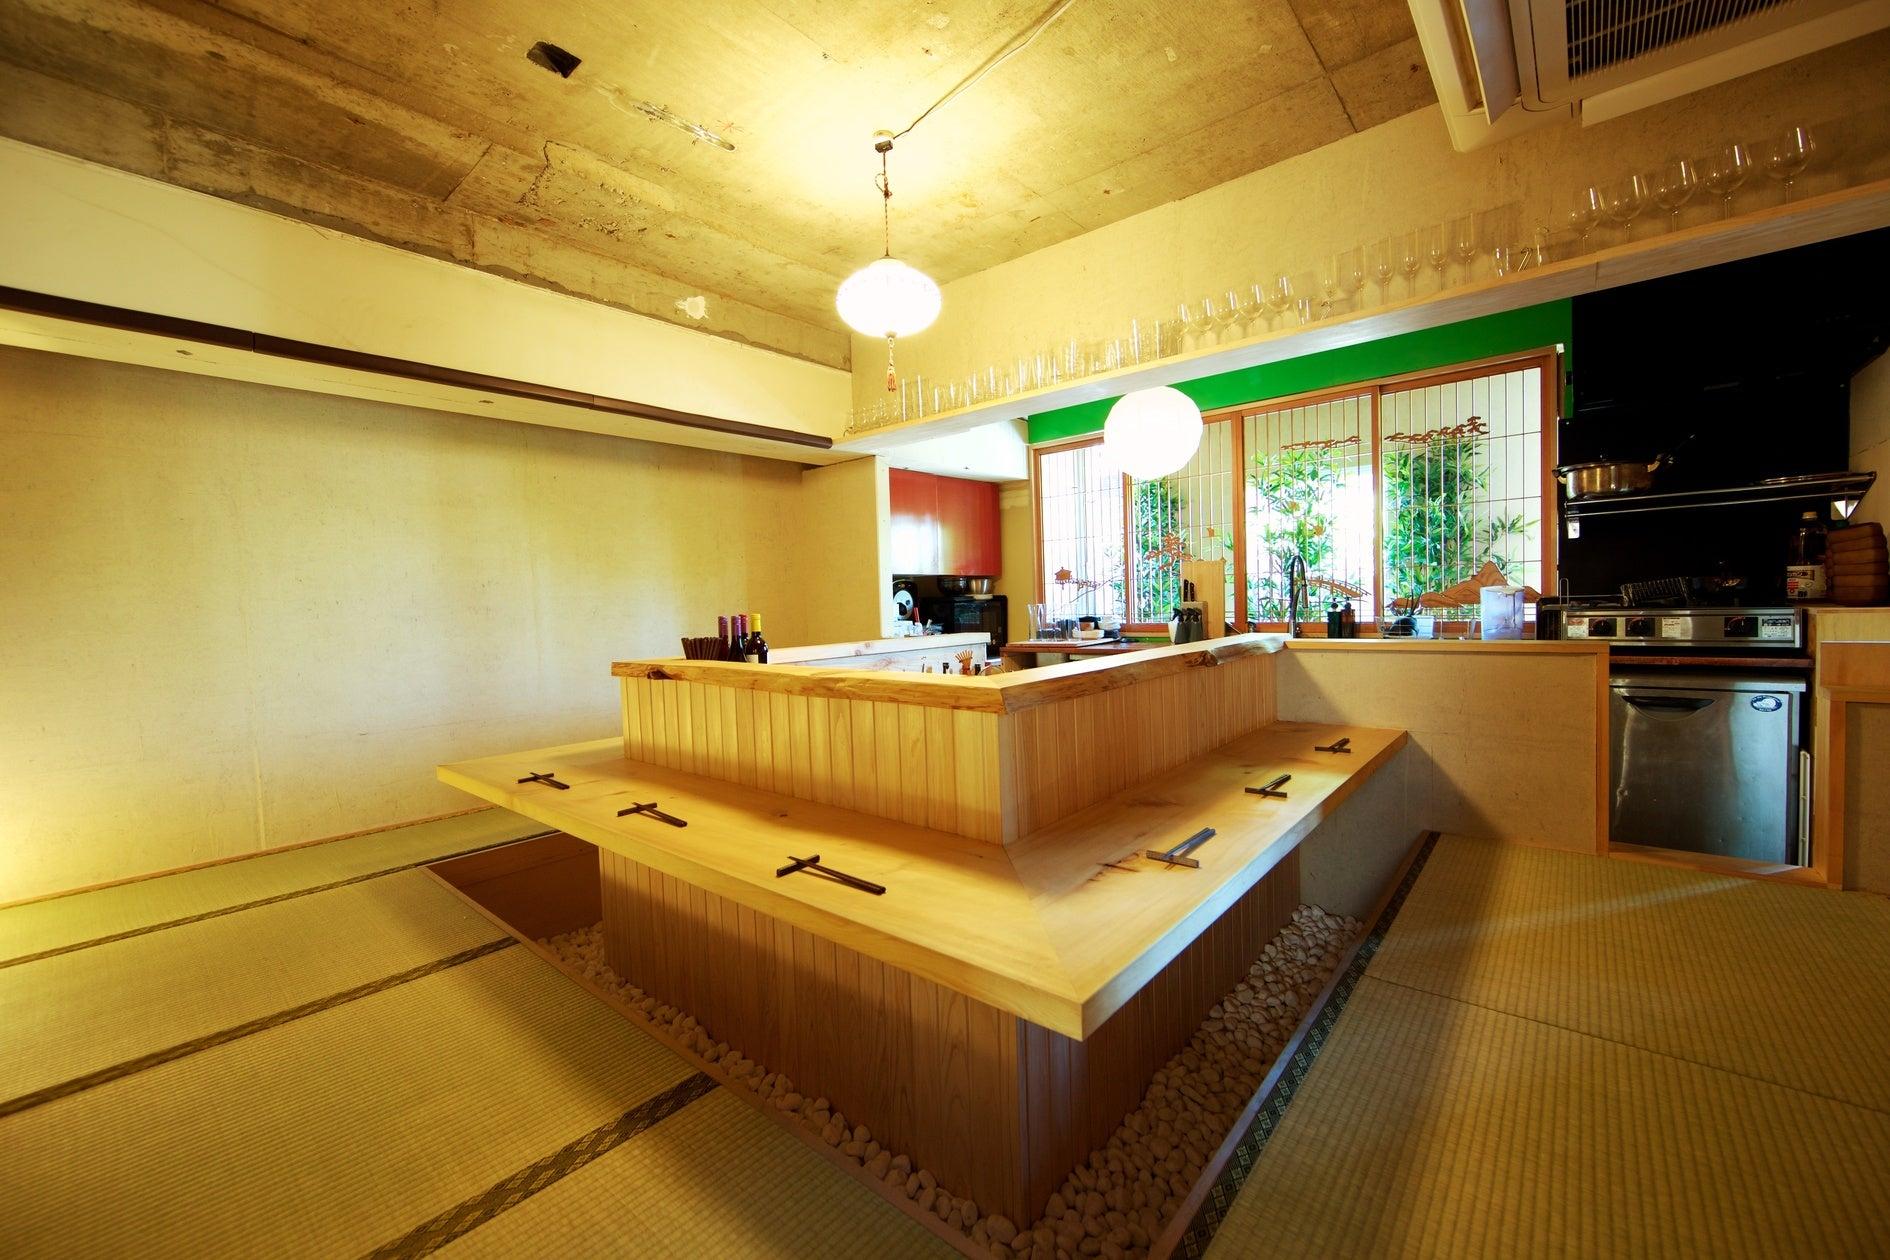 【渋谷、原宿、キャットストリート、神宮前】突如「和」の空間。非日常を体験する。 の写真